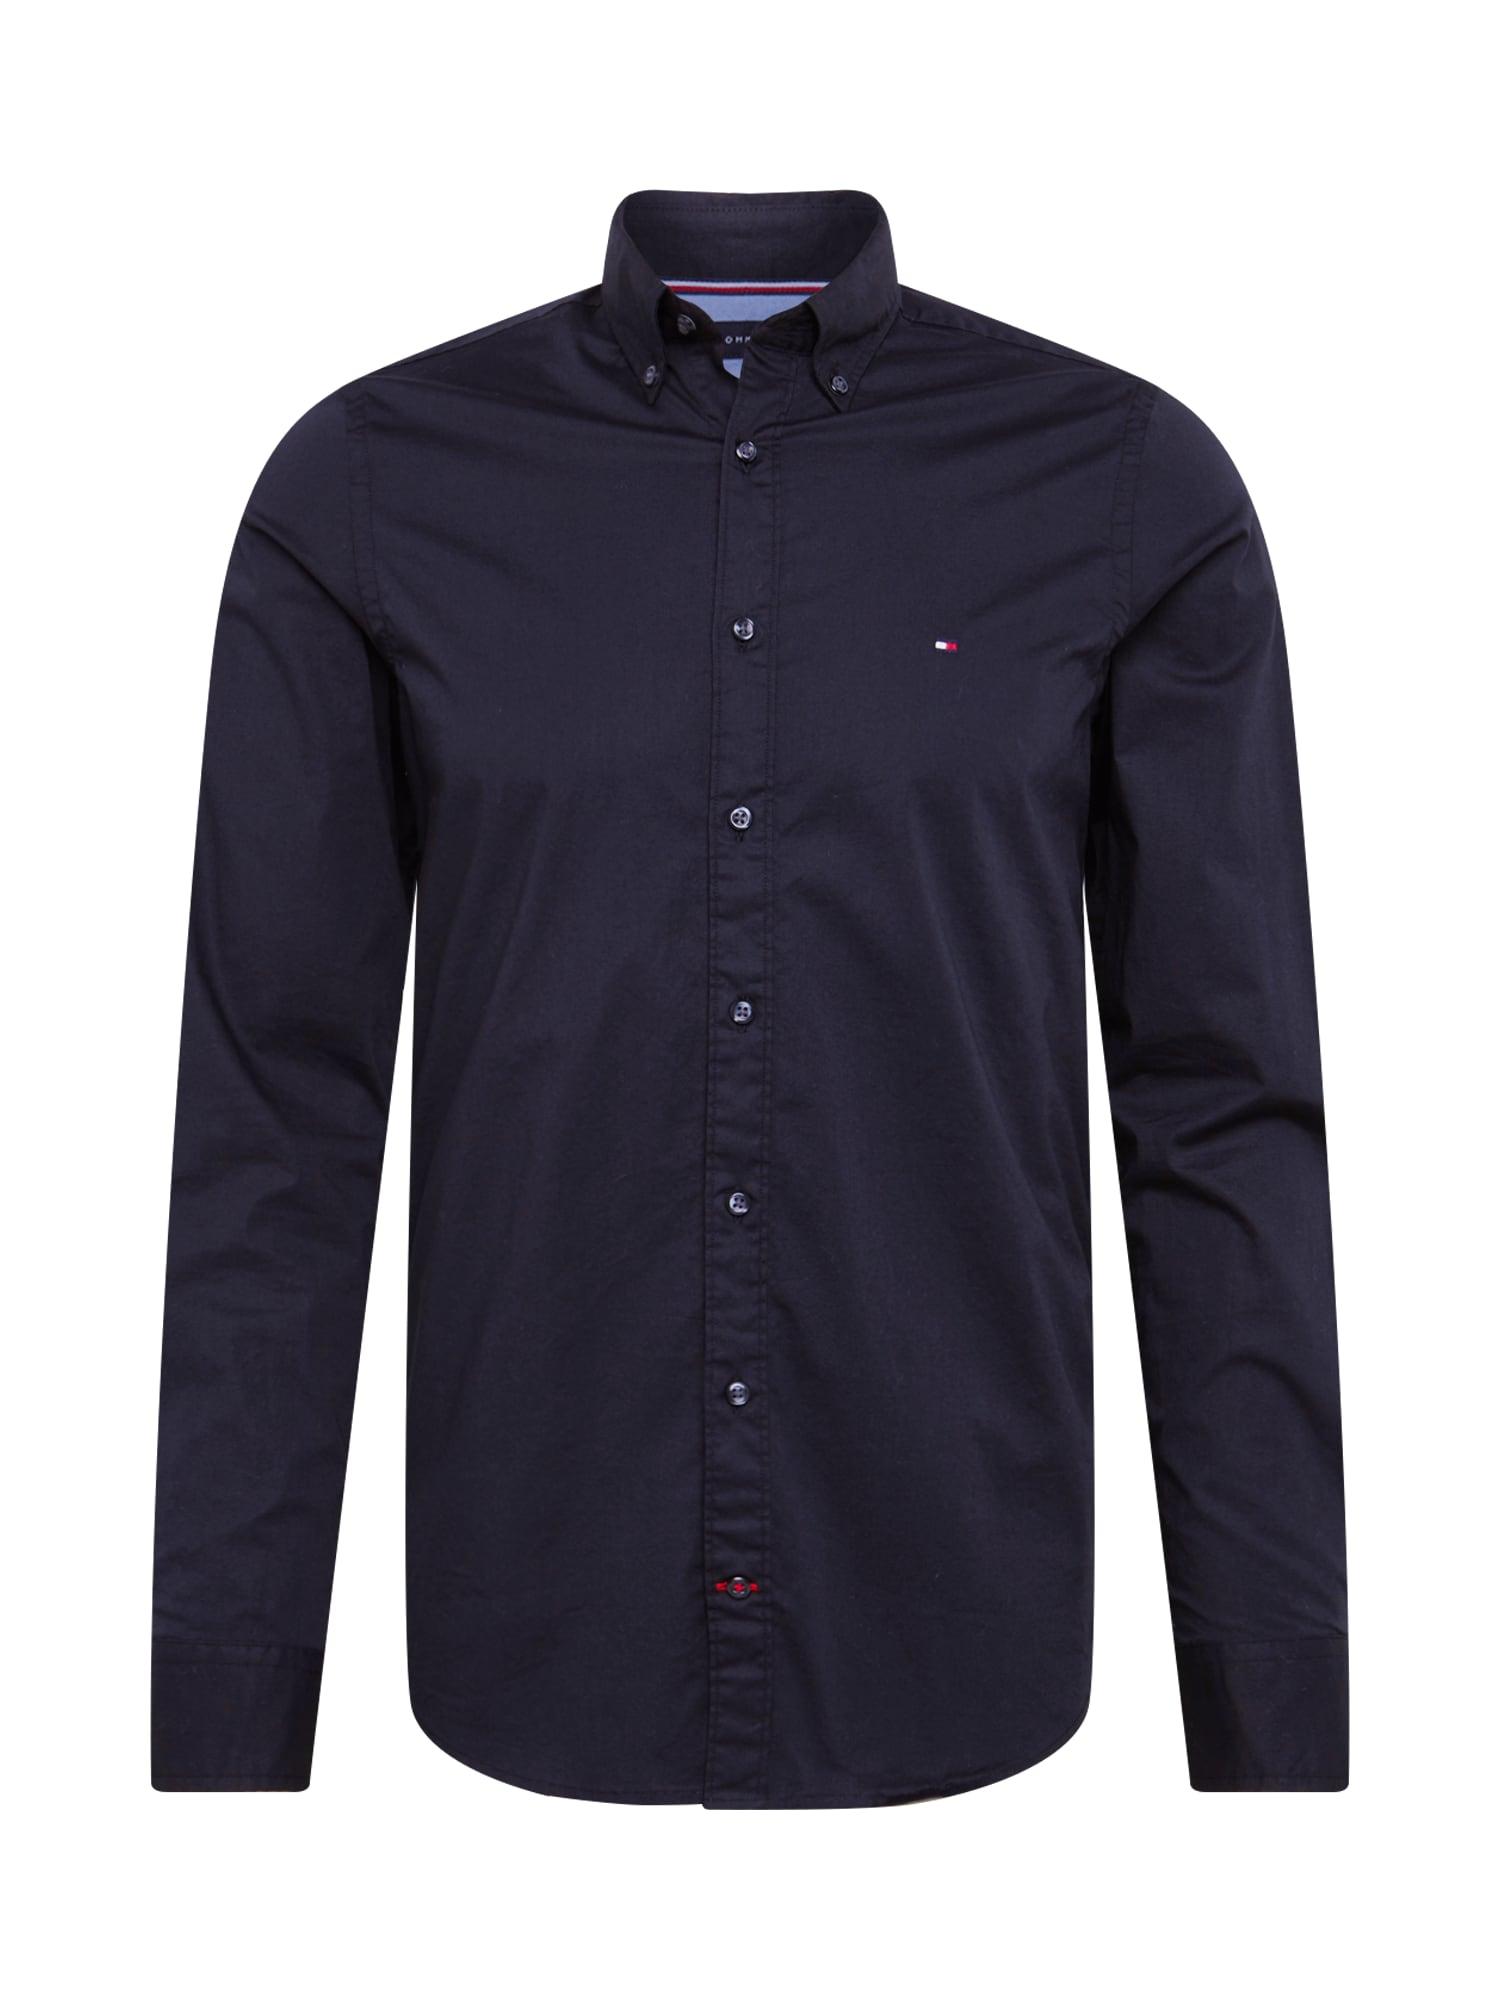 TOMMY HILFIGER Marškiniai juoda